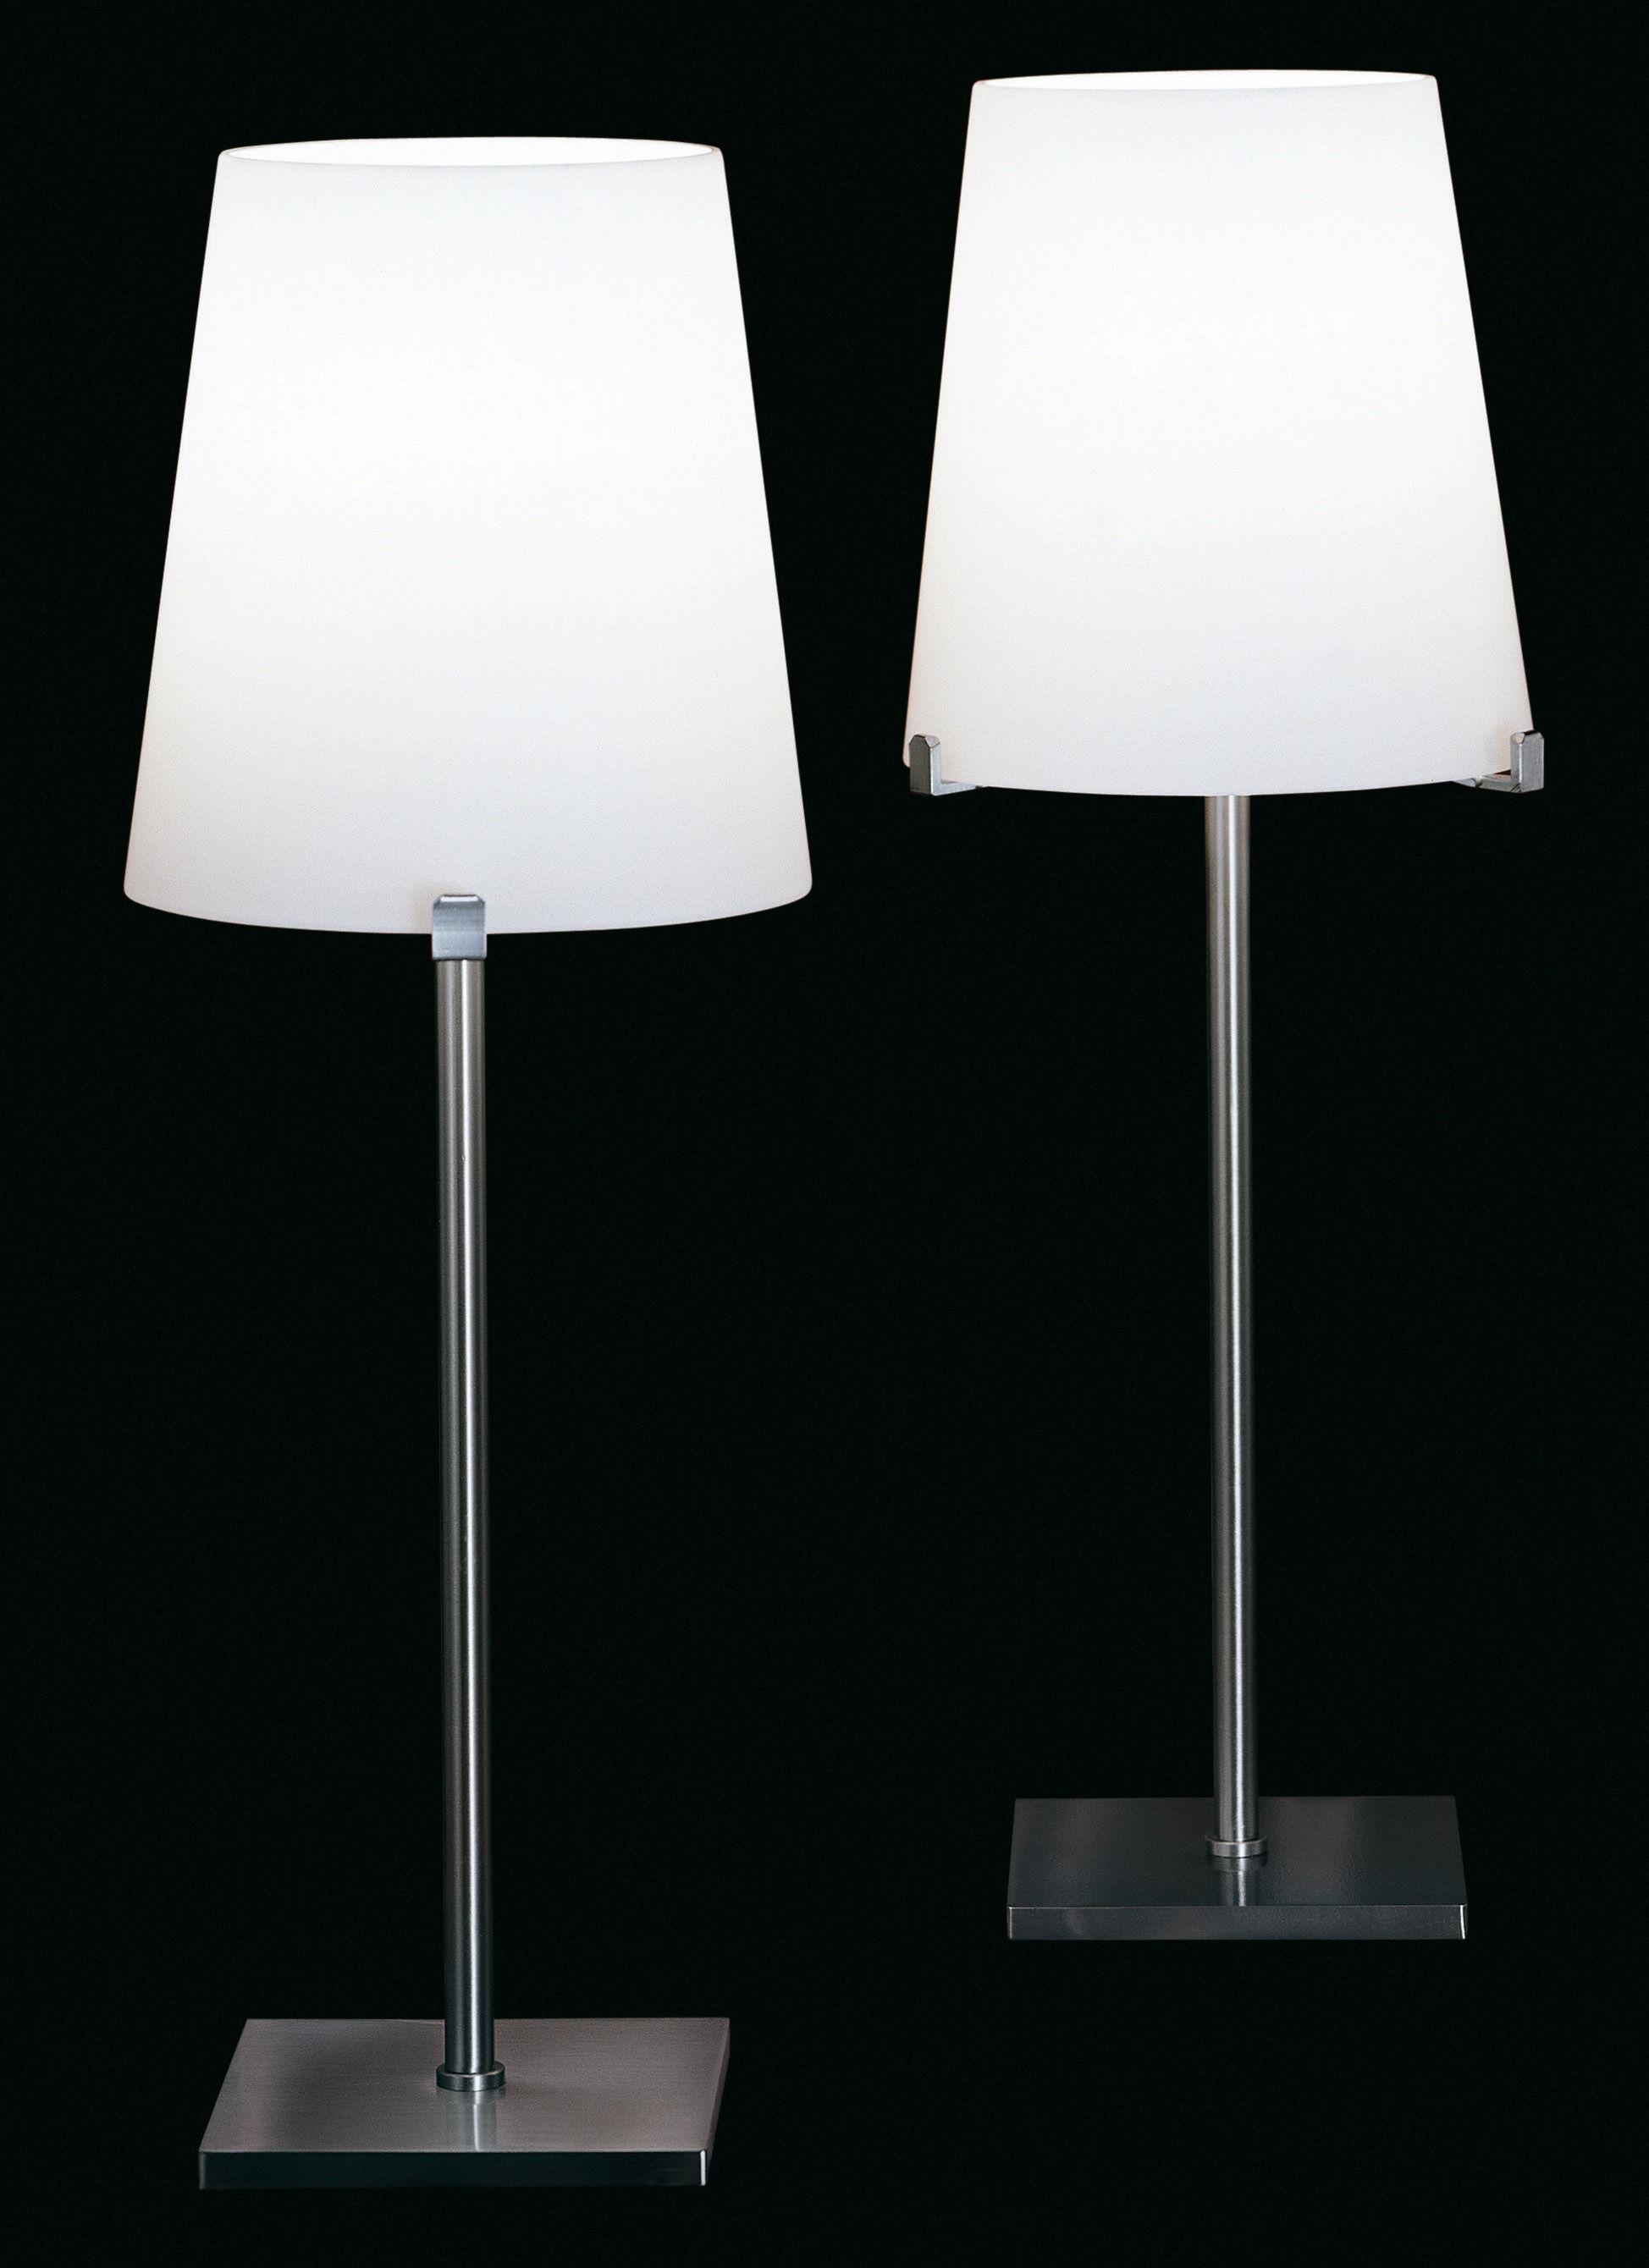 Chiara lampada da tavolo bianco by fontana arte made in design - Lampade da tavolo fontana arte ...